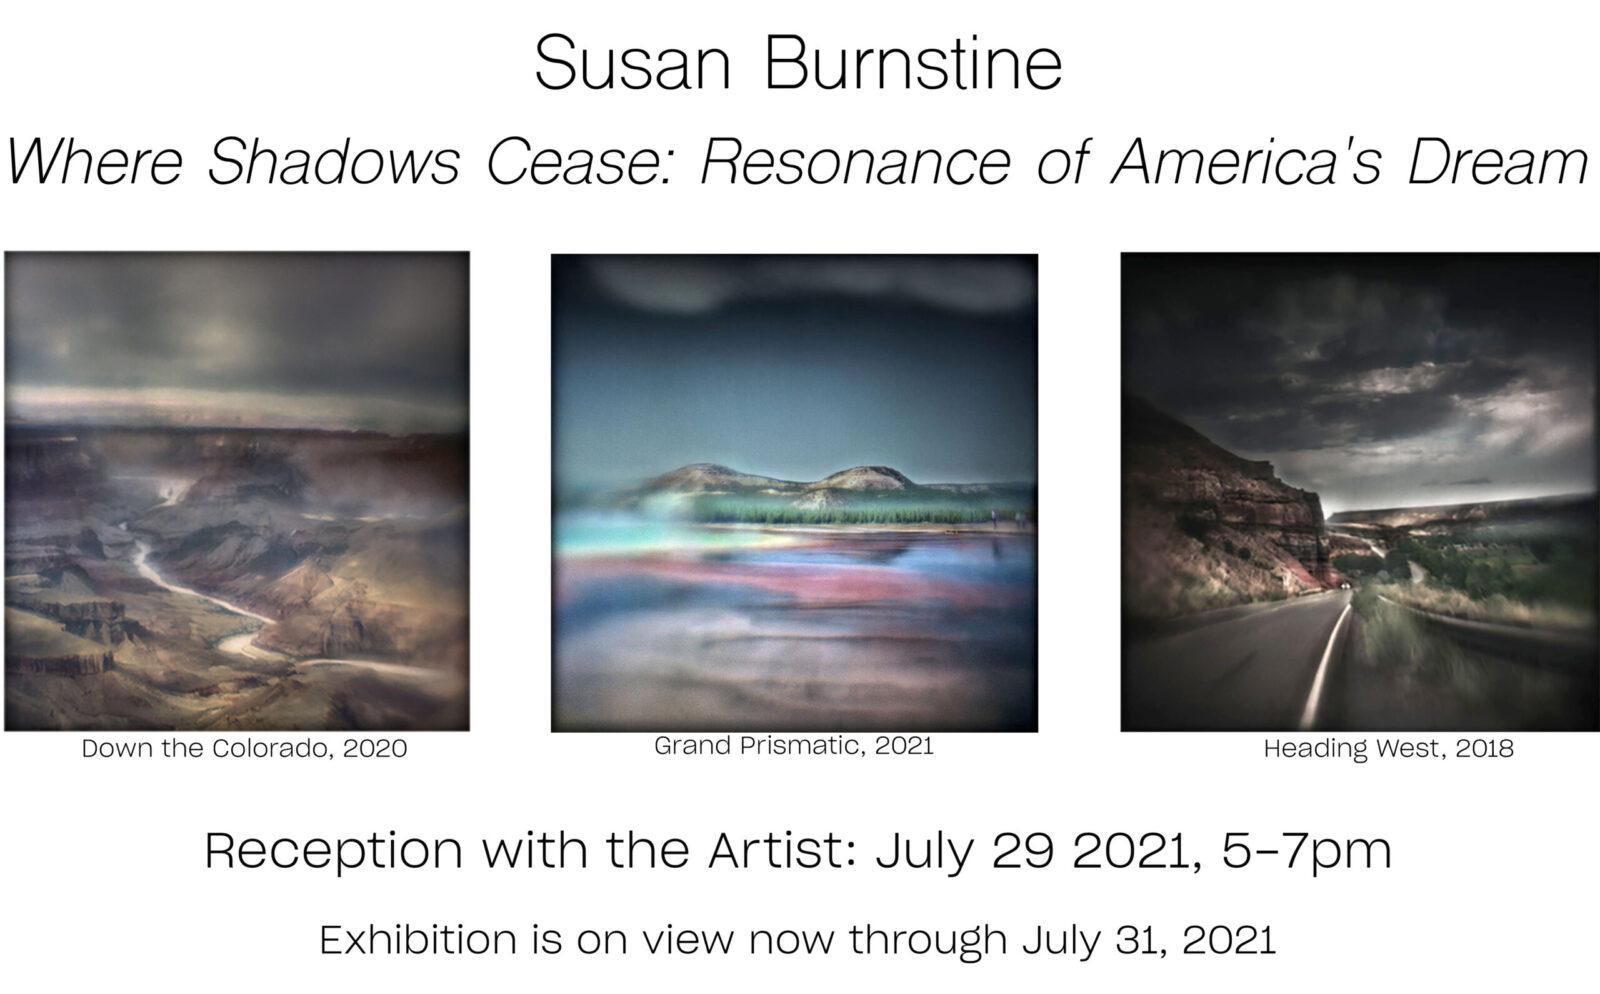 Susan Burnstine, where shadows cease exhibition june 4 through july 31, 2021